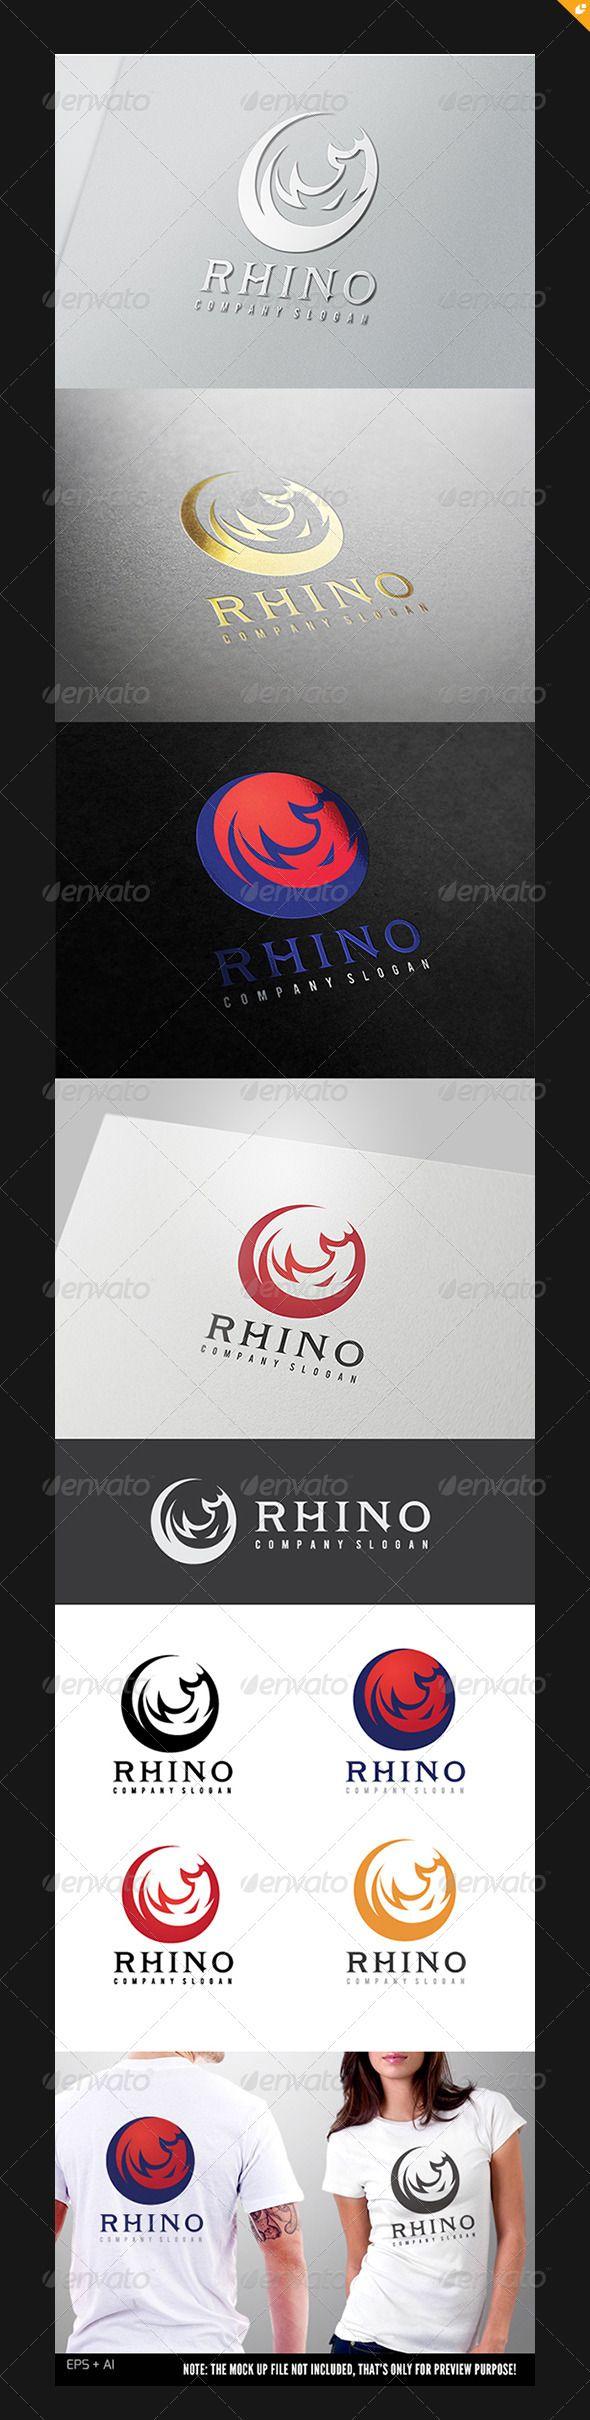 Rhino V1 Tarjetas De Presentacion Tarjeta Presentaciones